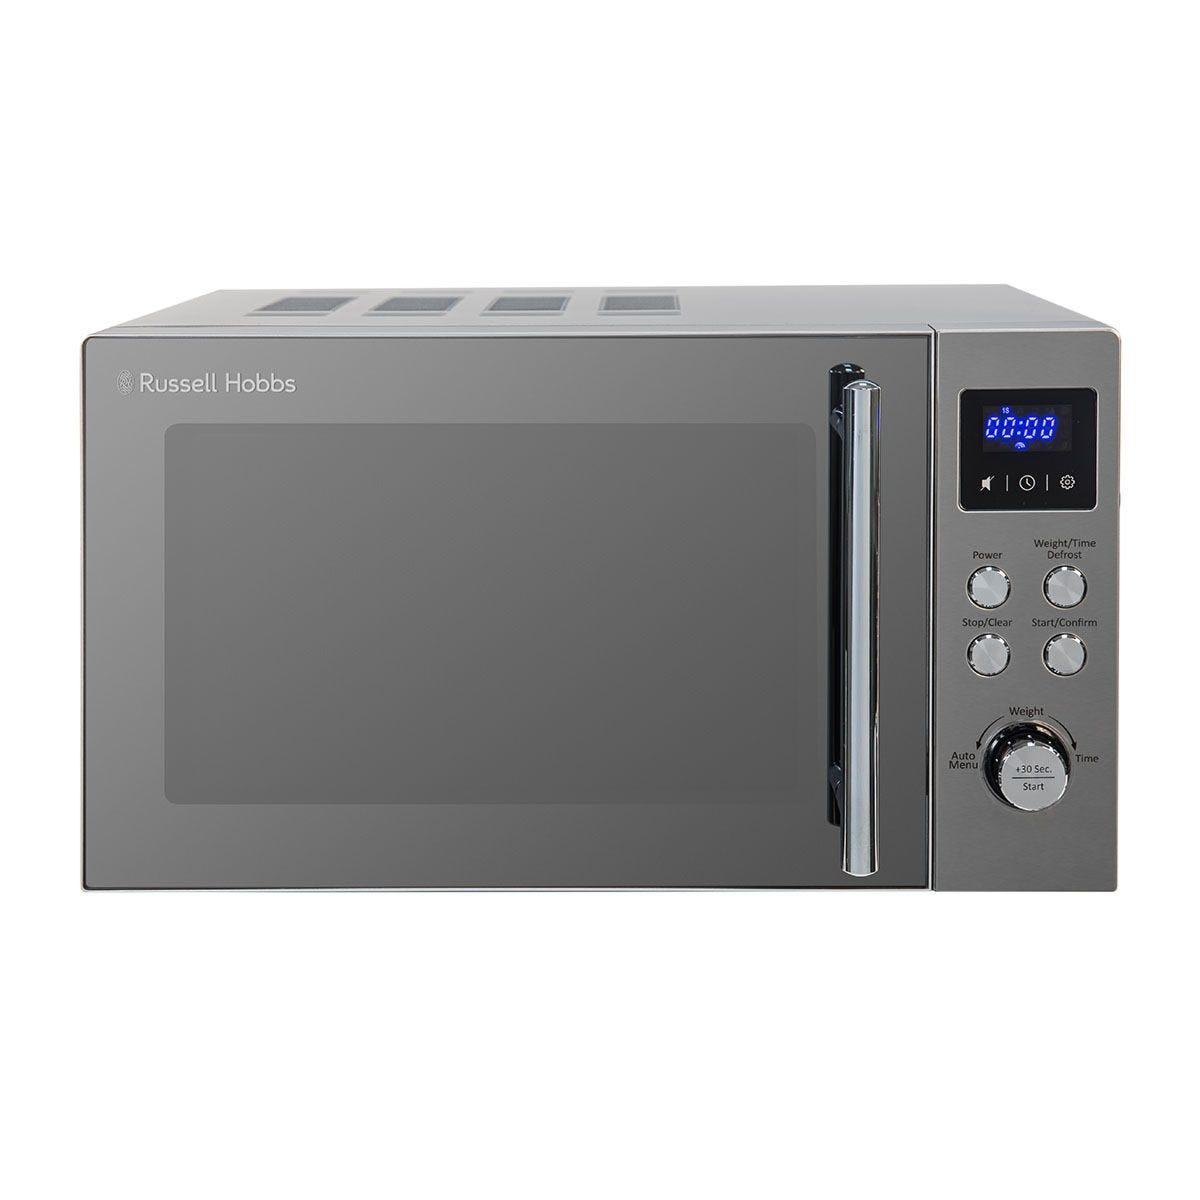 Russell Hobbs Buckingham 800W 17L Digital Microwave - Stainless Steel